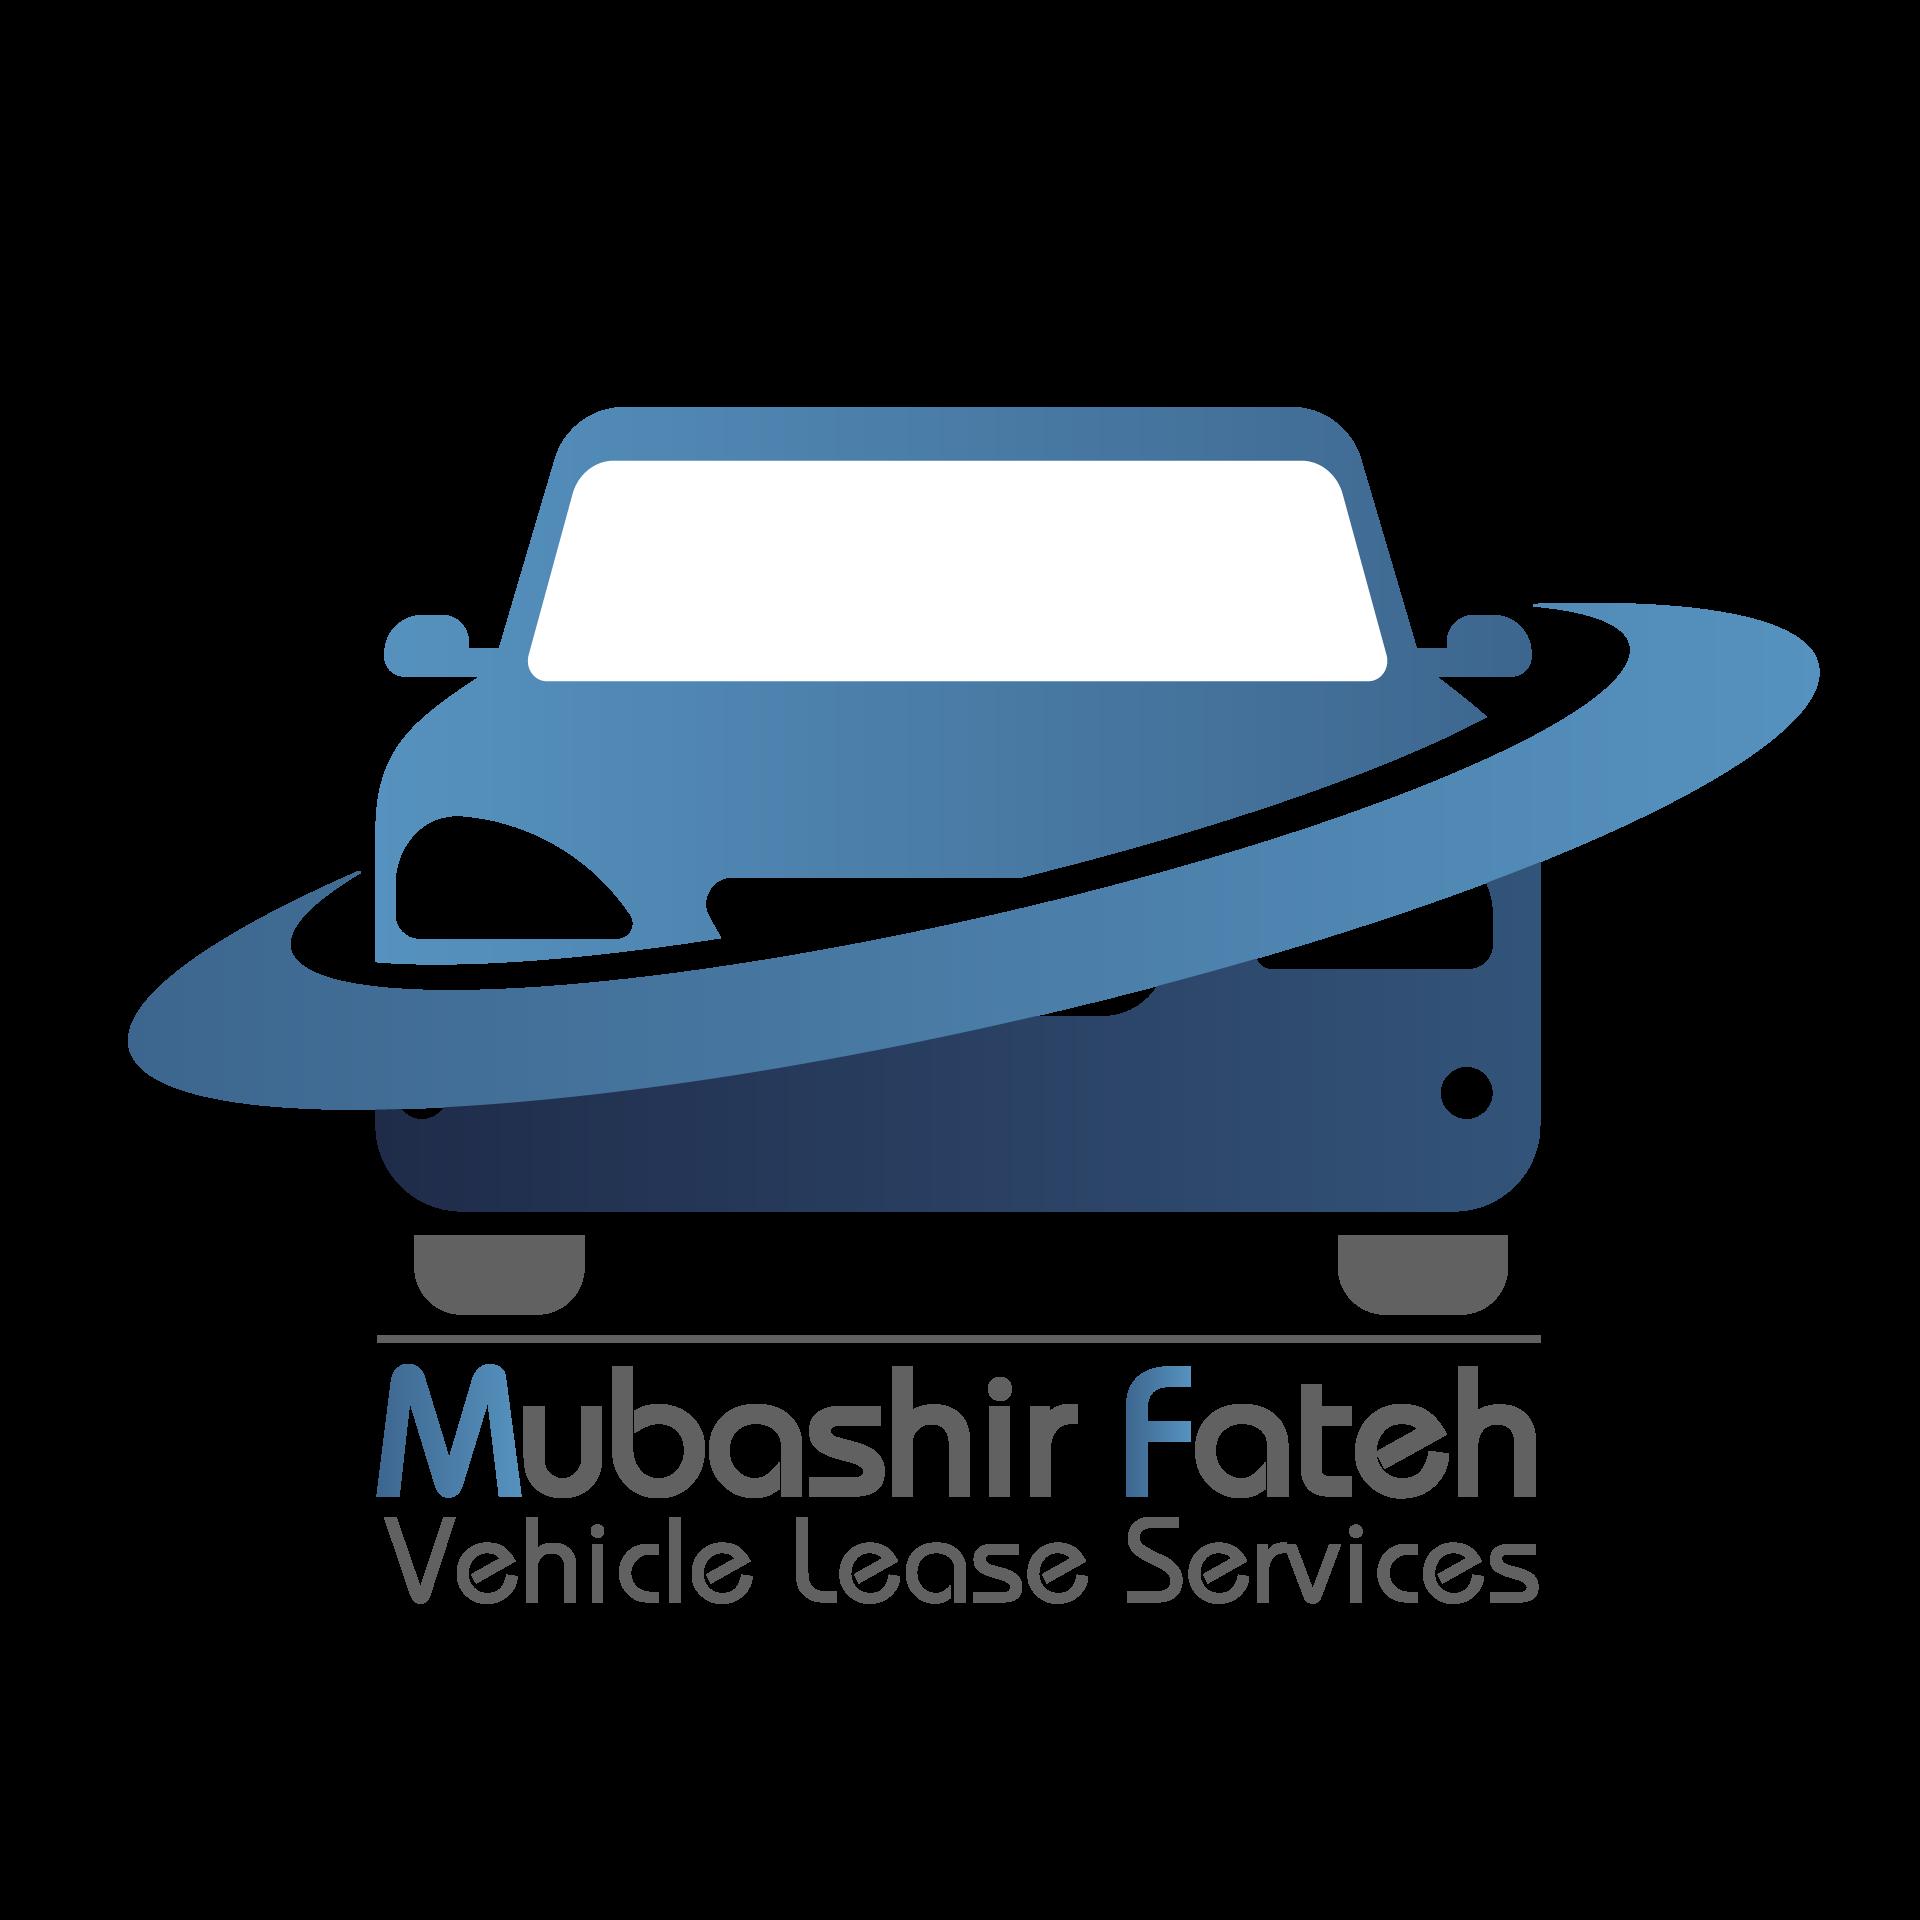 Mubashir Fateh